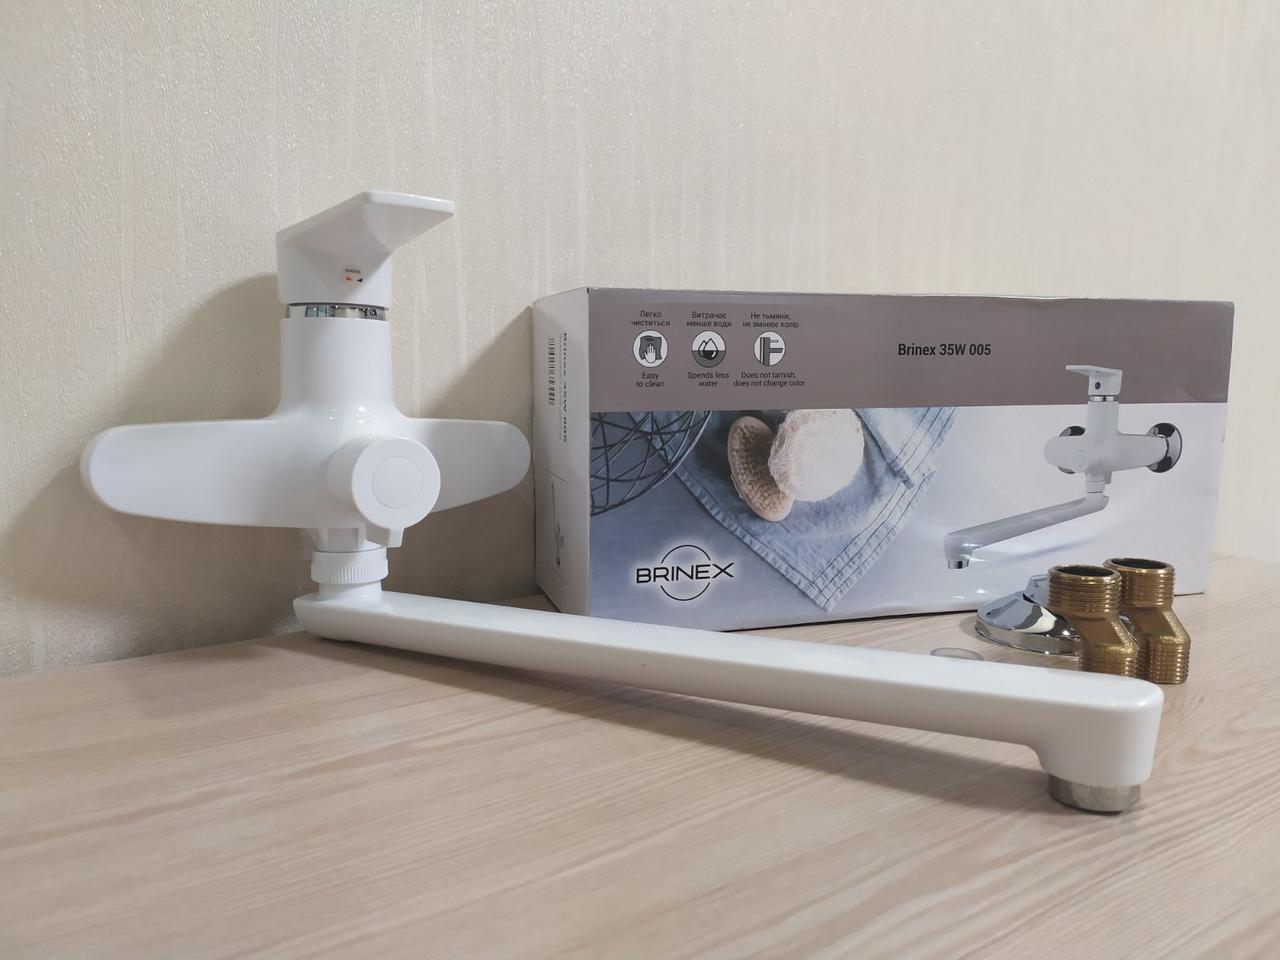 Смеситель для ванны из термопластичного пластика с длинным изливом (гусаком) Brinex 35W005